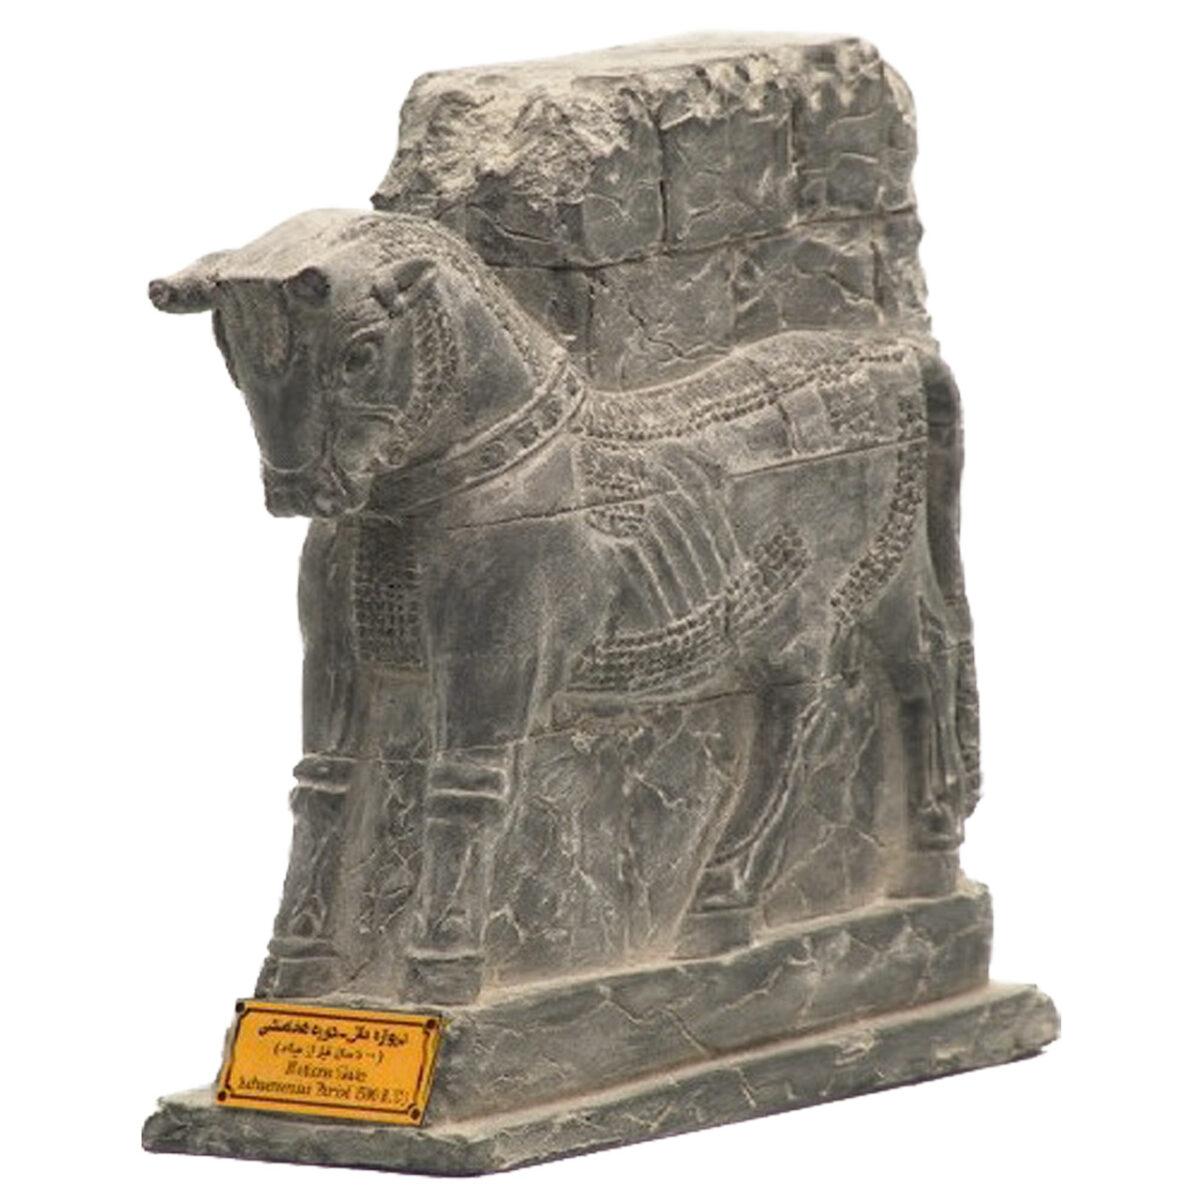 مجسمه تندیس و پیکره شهریار مدل دروازه ملل گاو کد MO420 سایز متوسط